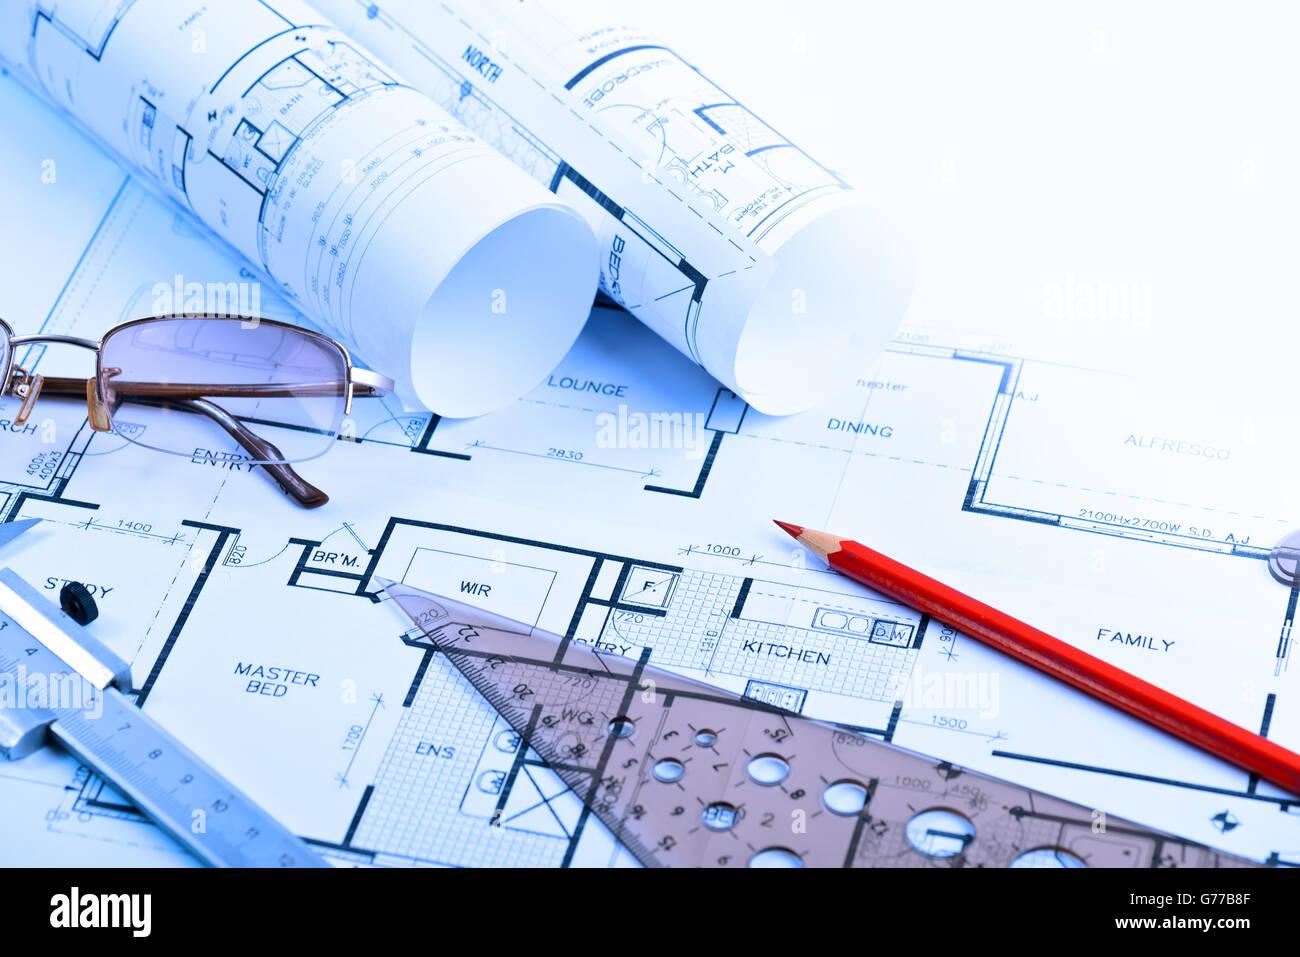 Plans d'architecture de nouvelle maison avec espace pour copier un message Photo Stock